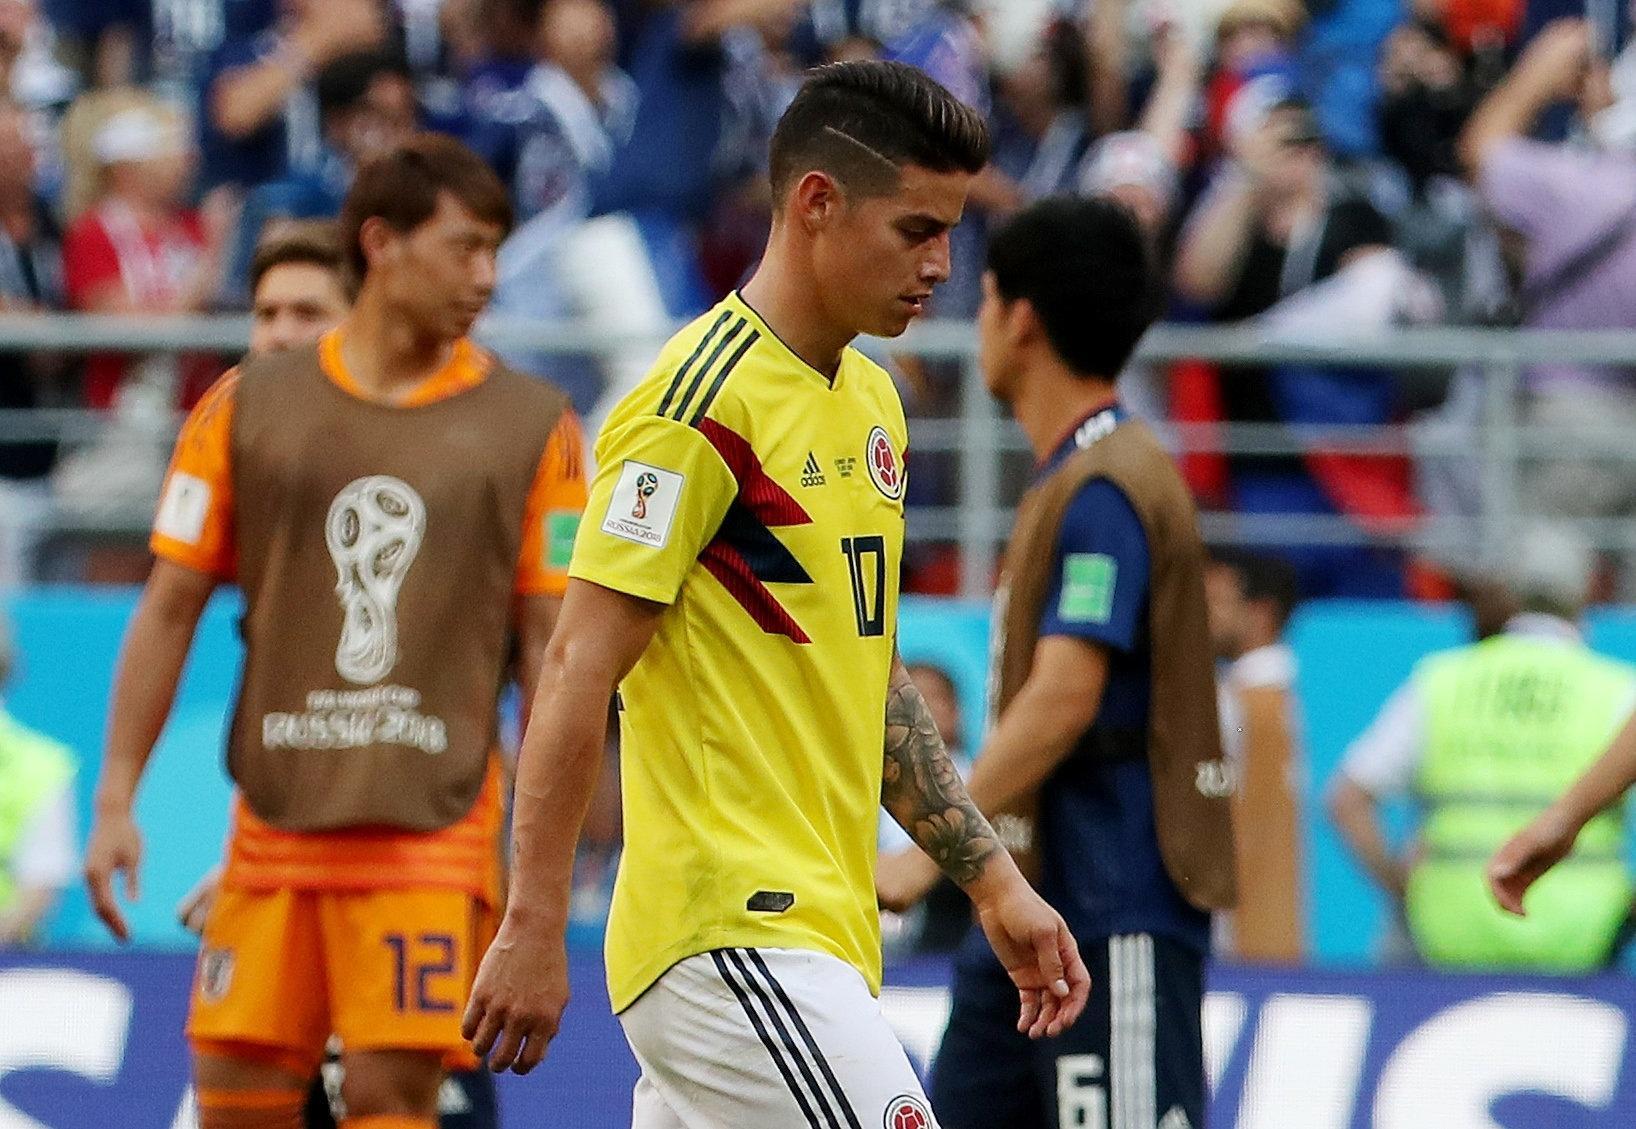 Colômbia na Copa 2018  Filha de James Rodríguez chora com derrota da  Colômbia na estreia da Copa - UOL Copa do Mundo 2018 0bfab8446be4f